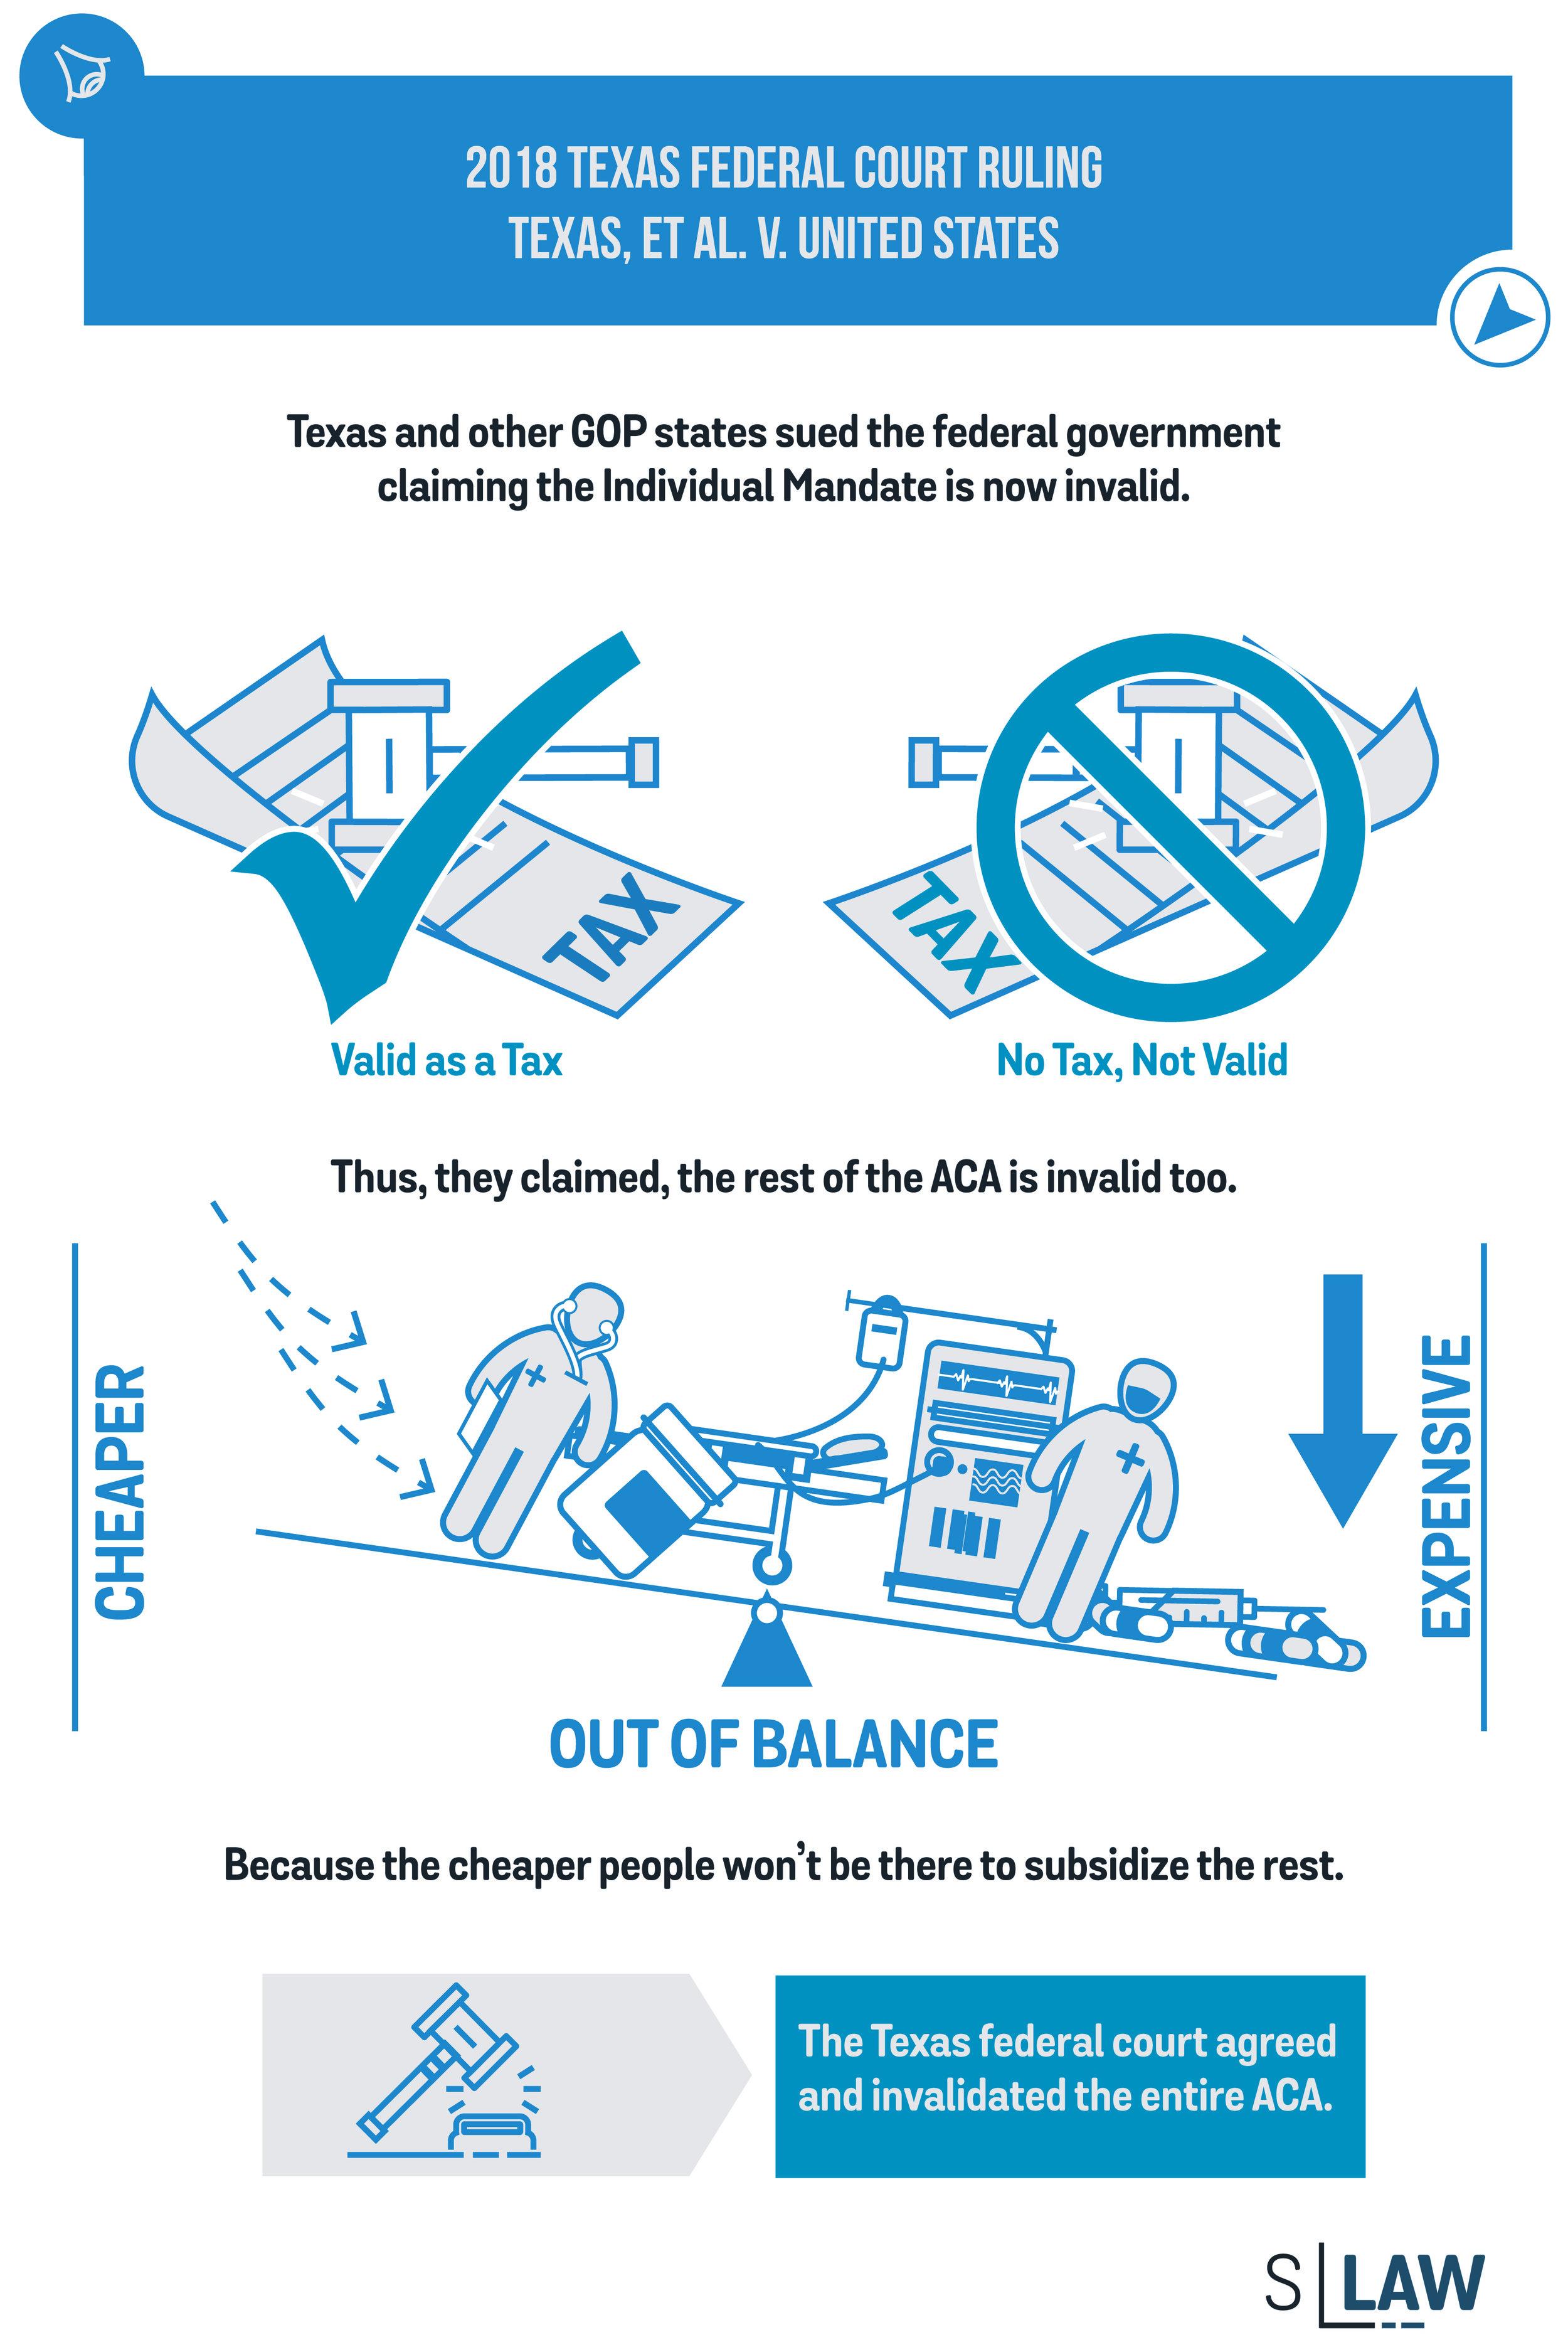 Affordable Care Act Challenge: Texas, et al  v  United